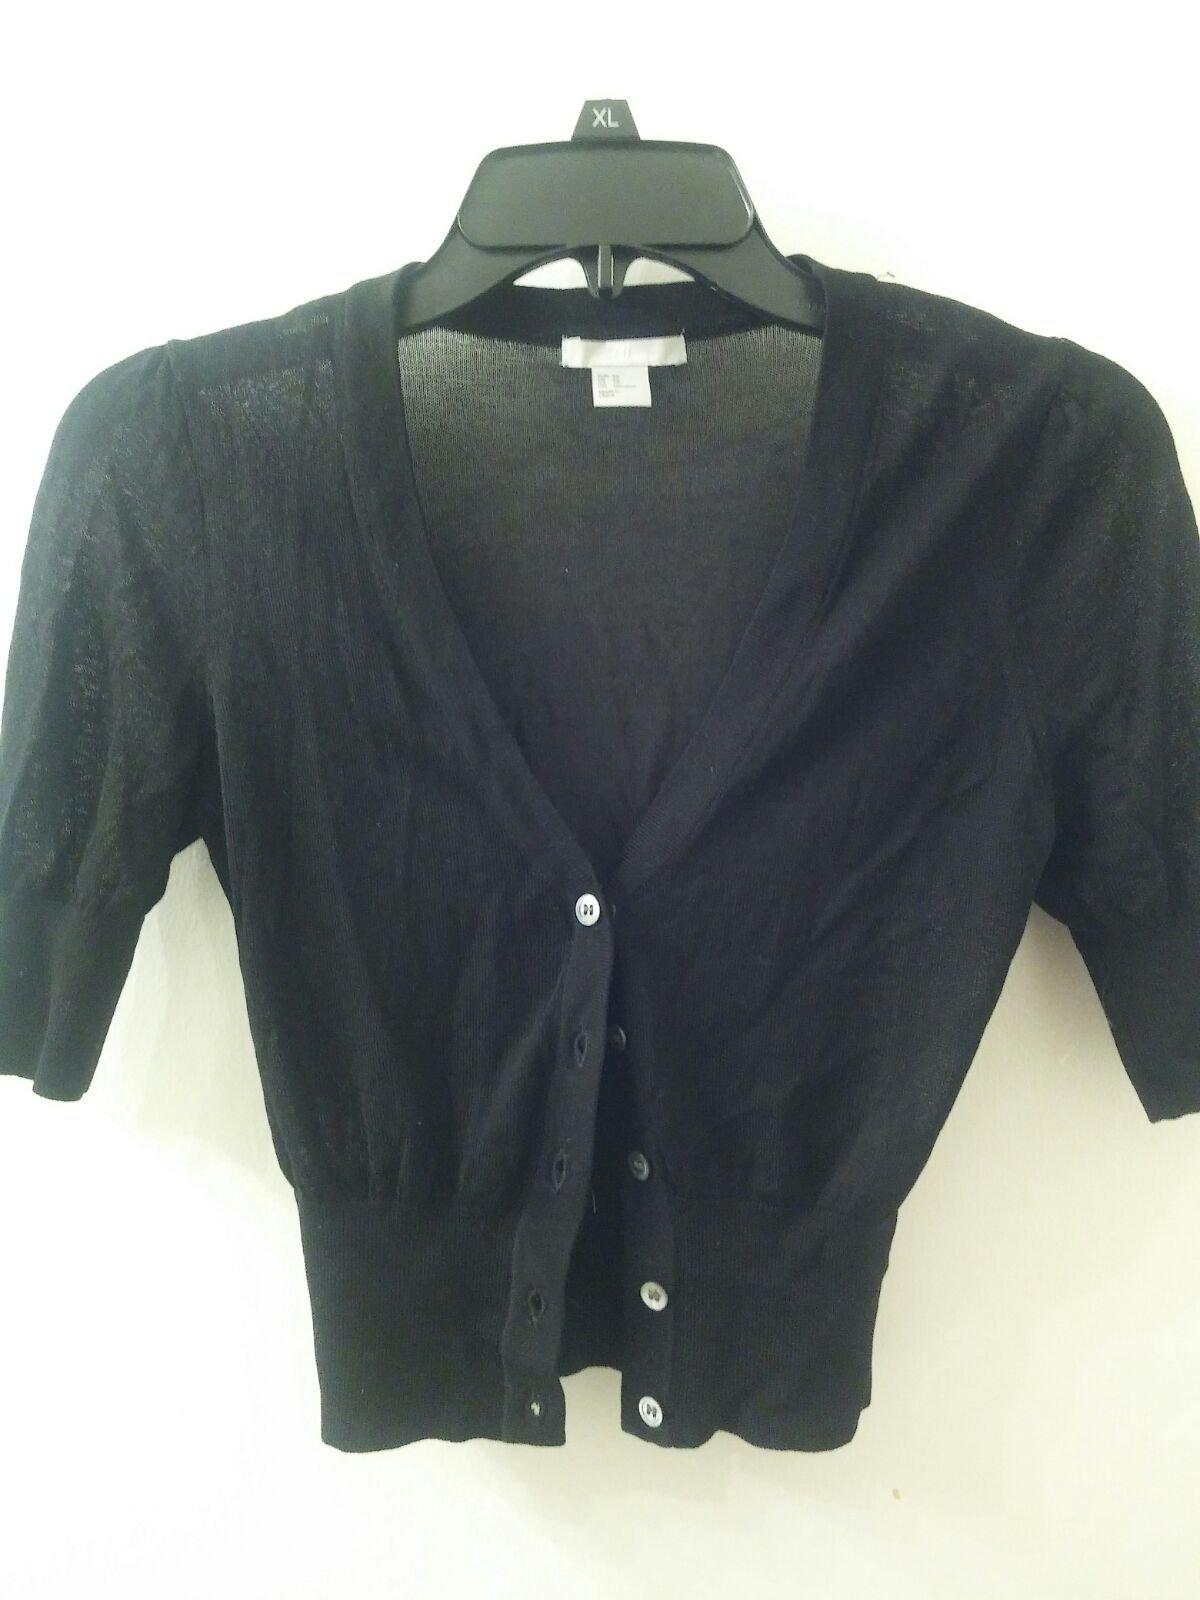 H&M XS black Cardigan - Mercari: BUY & SELL THINGS YOU LOVE